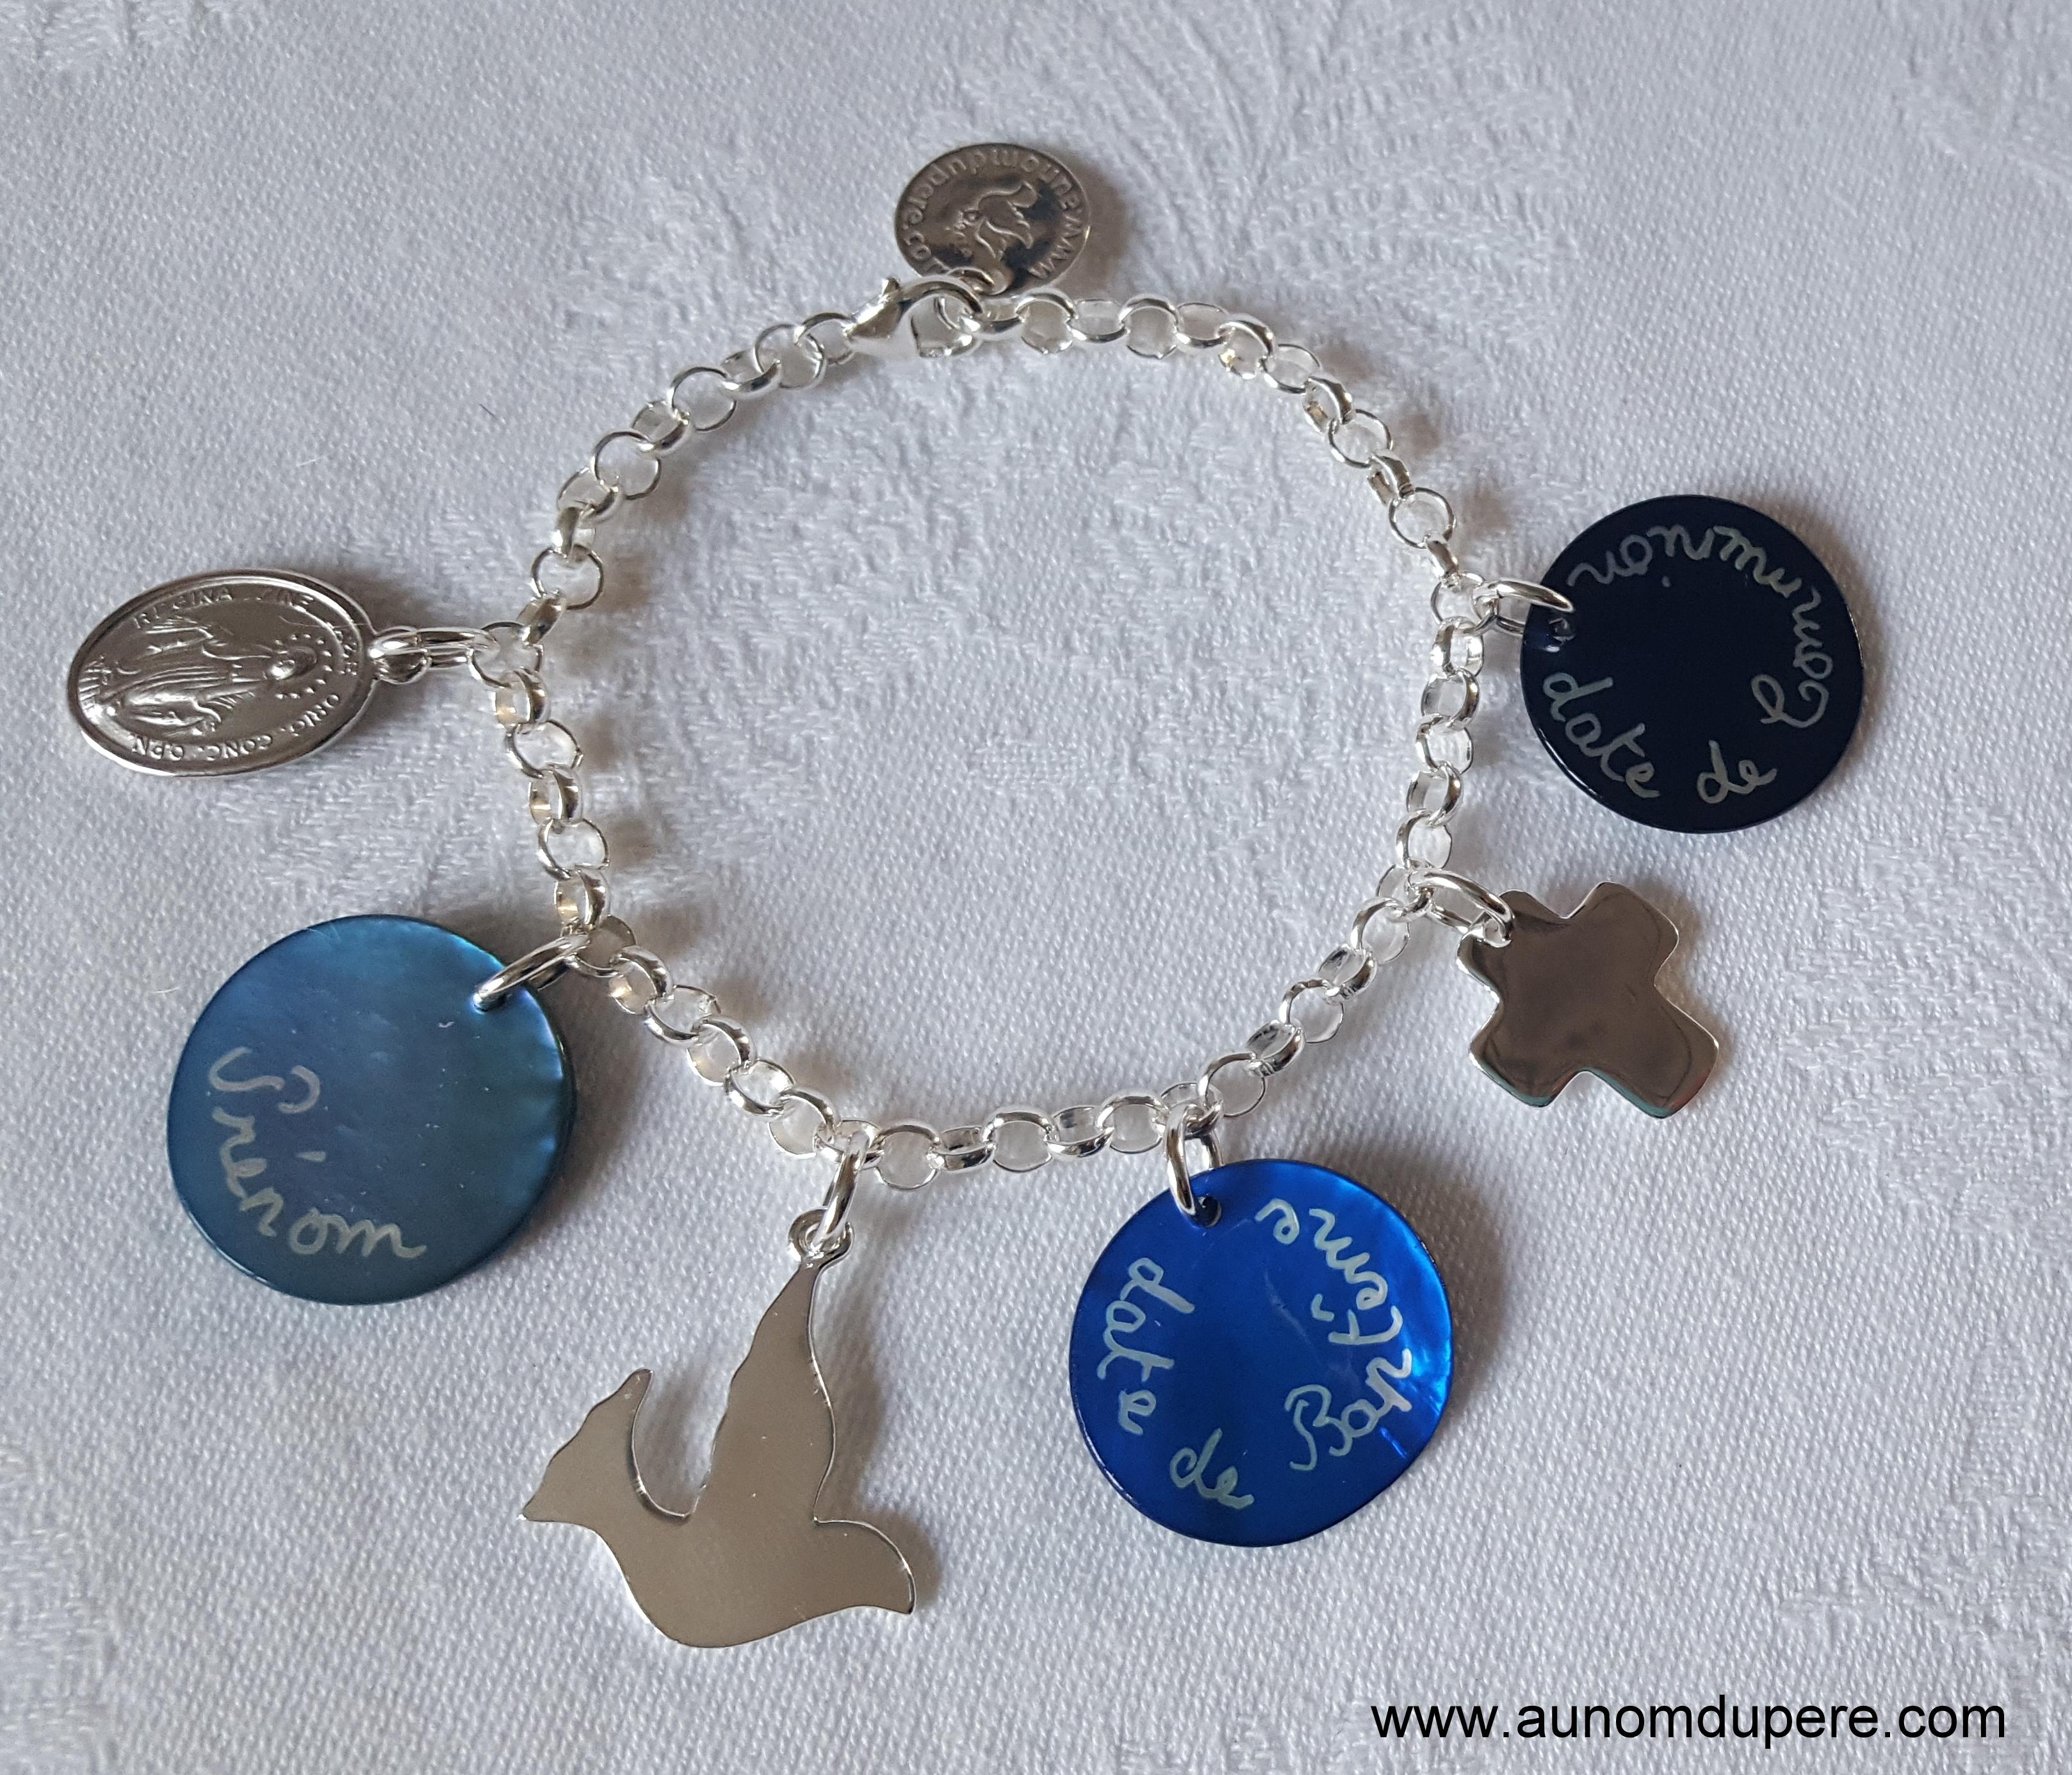 Bracelet de Communion avec pendentifs